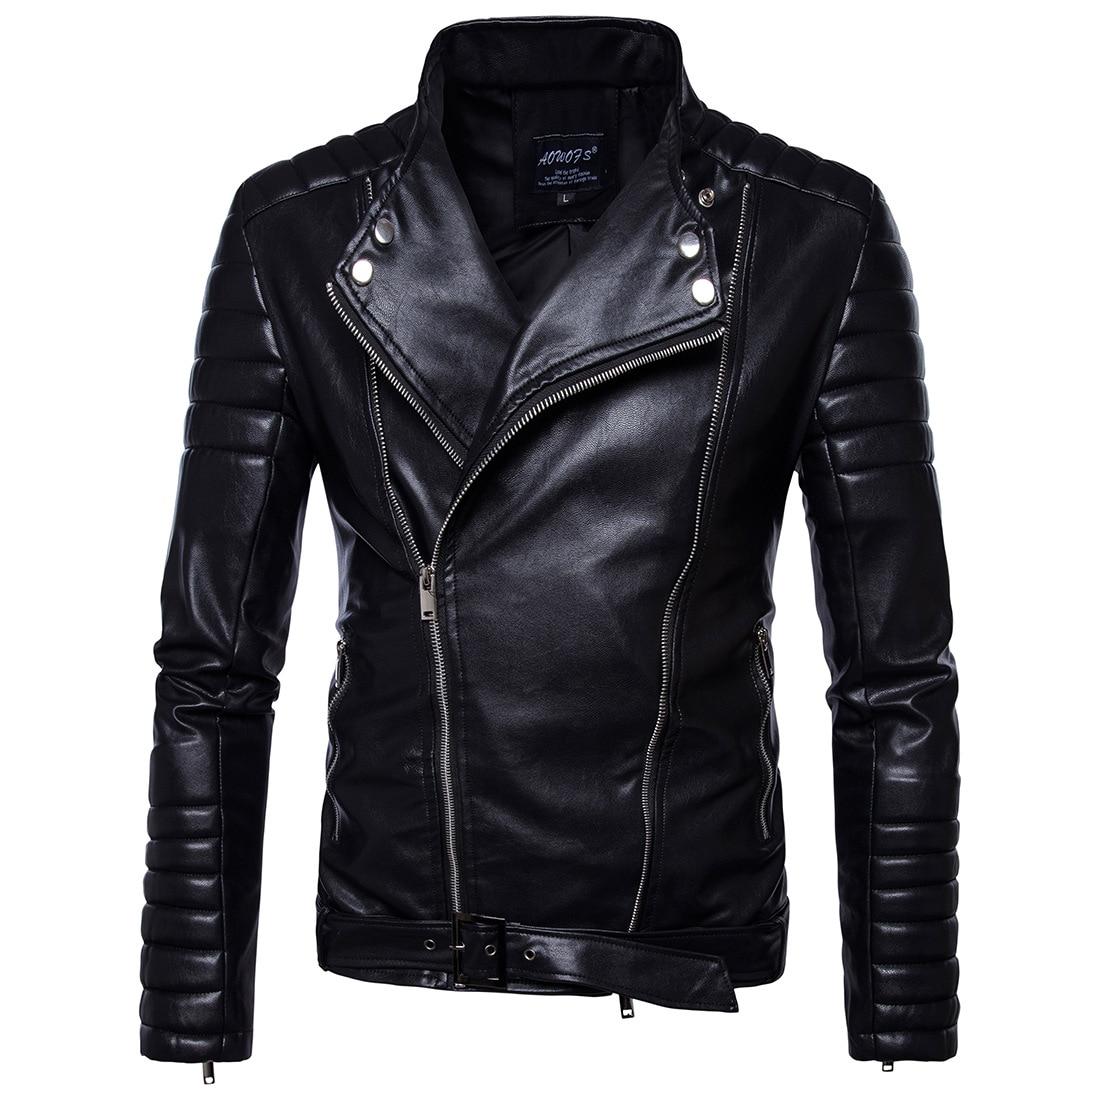 Vintage chaquetas Mens Classic Retro chaqueta abajo Collar Delgado Faux Leather Biker chaqueta ropa de la motocicleta